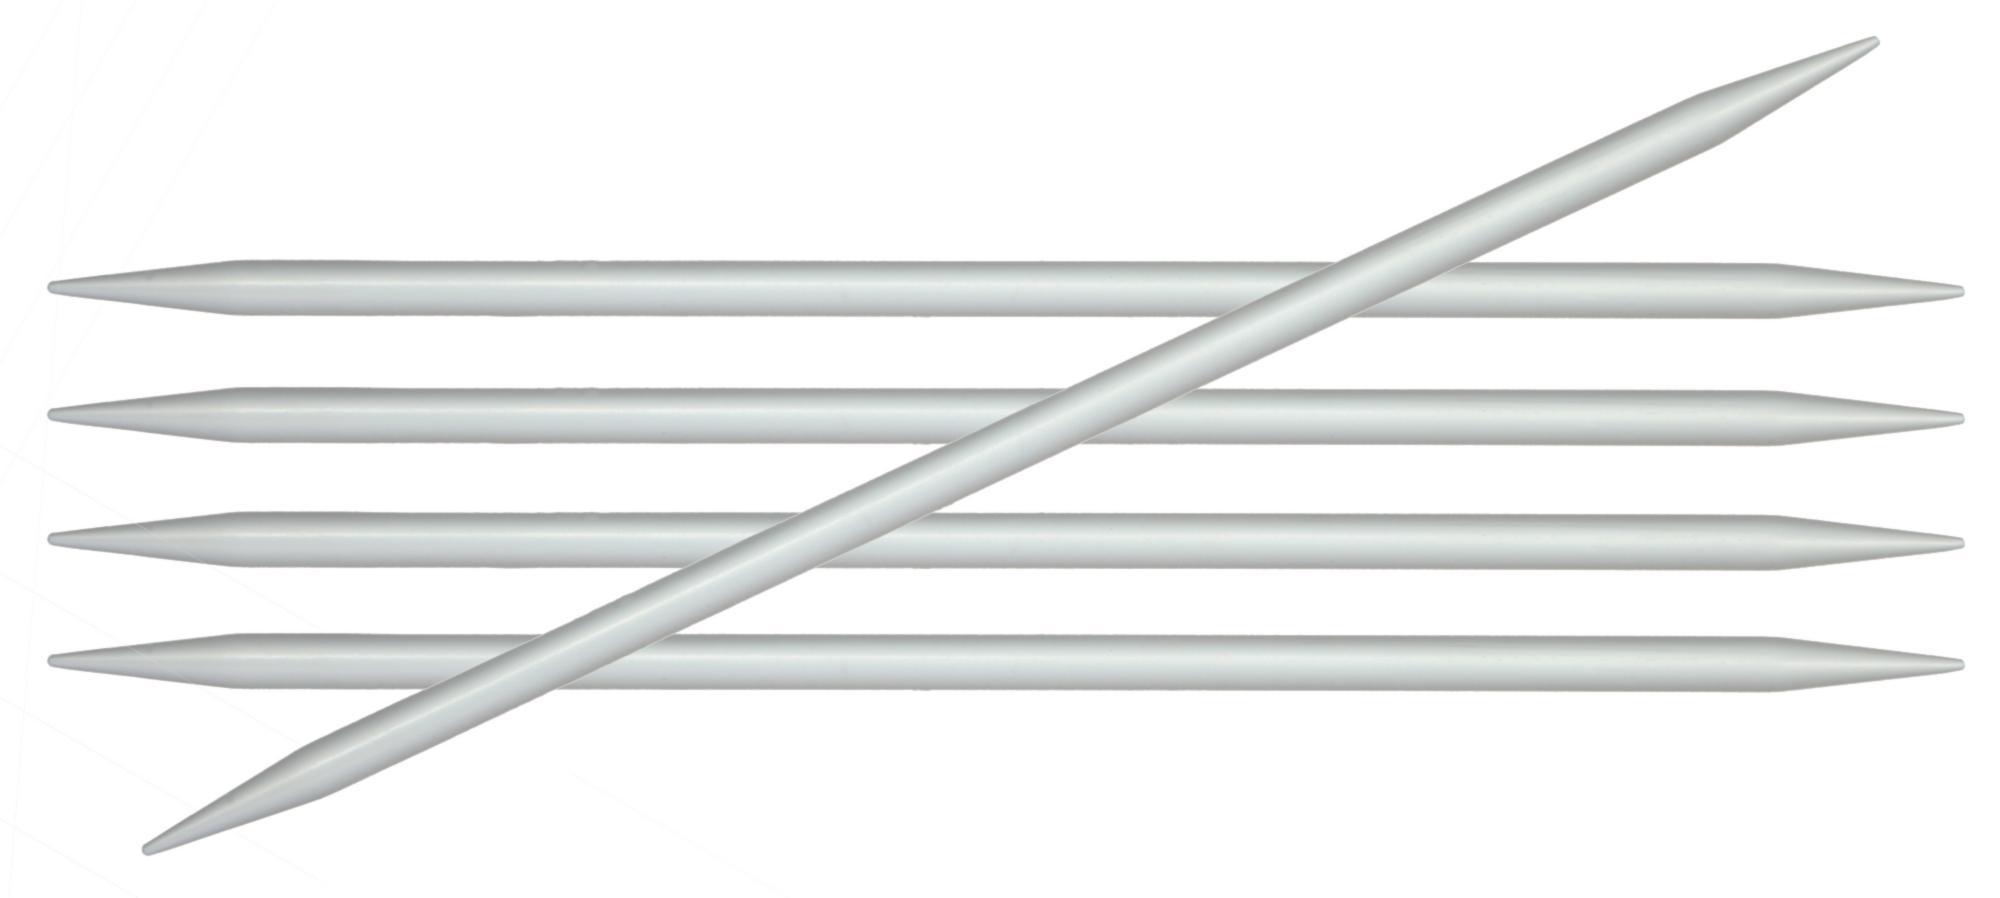 Спицы носочные 20 см Basix Aluminium KnitPro, 45117, 5.00 мм